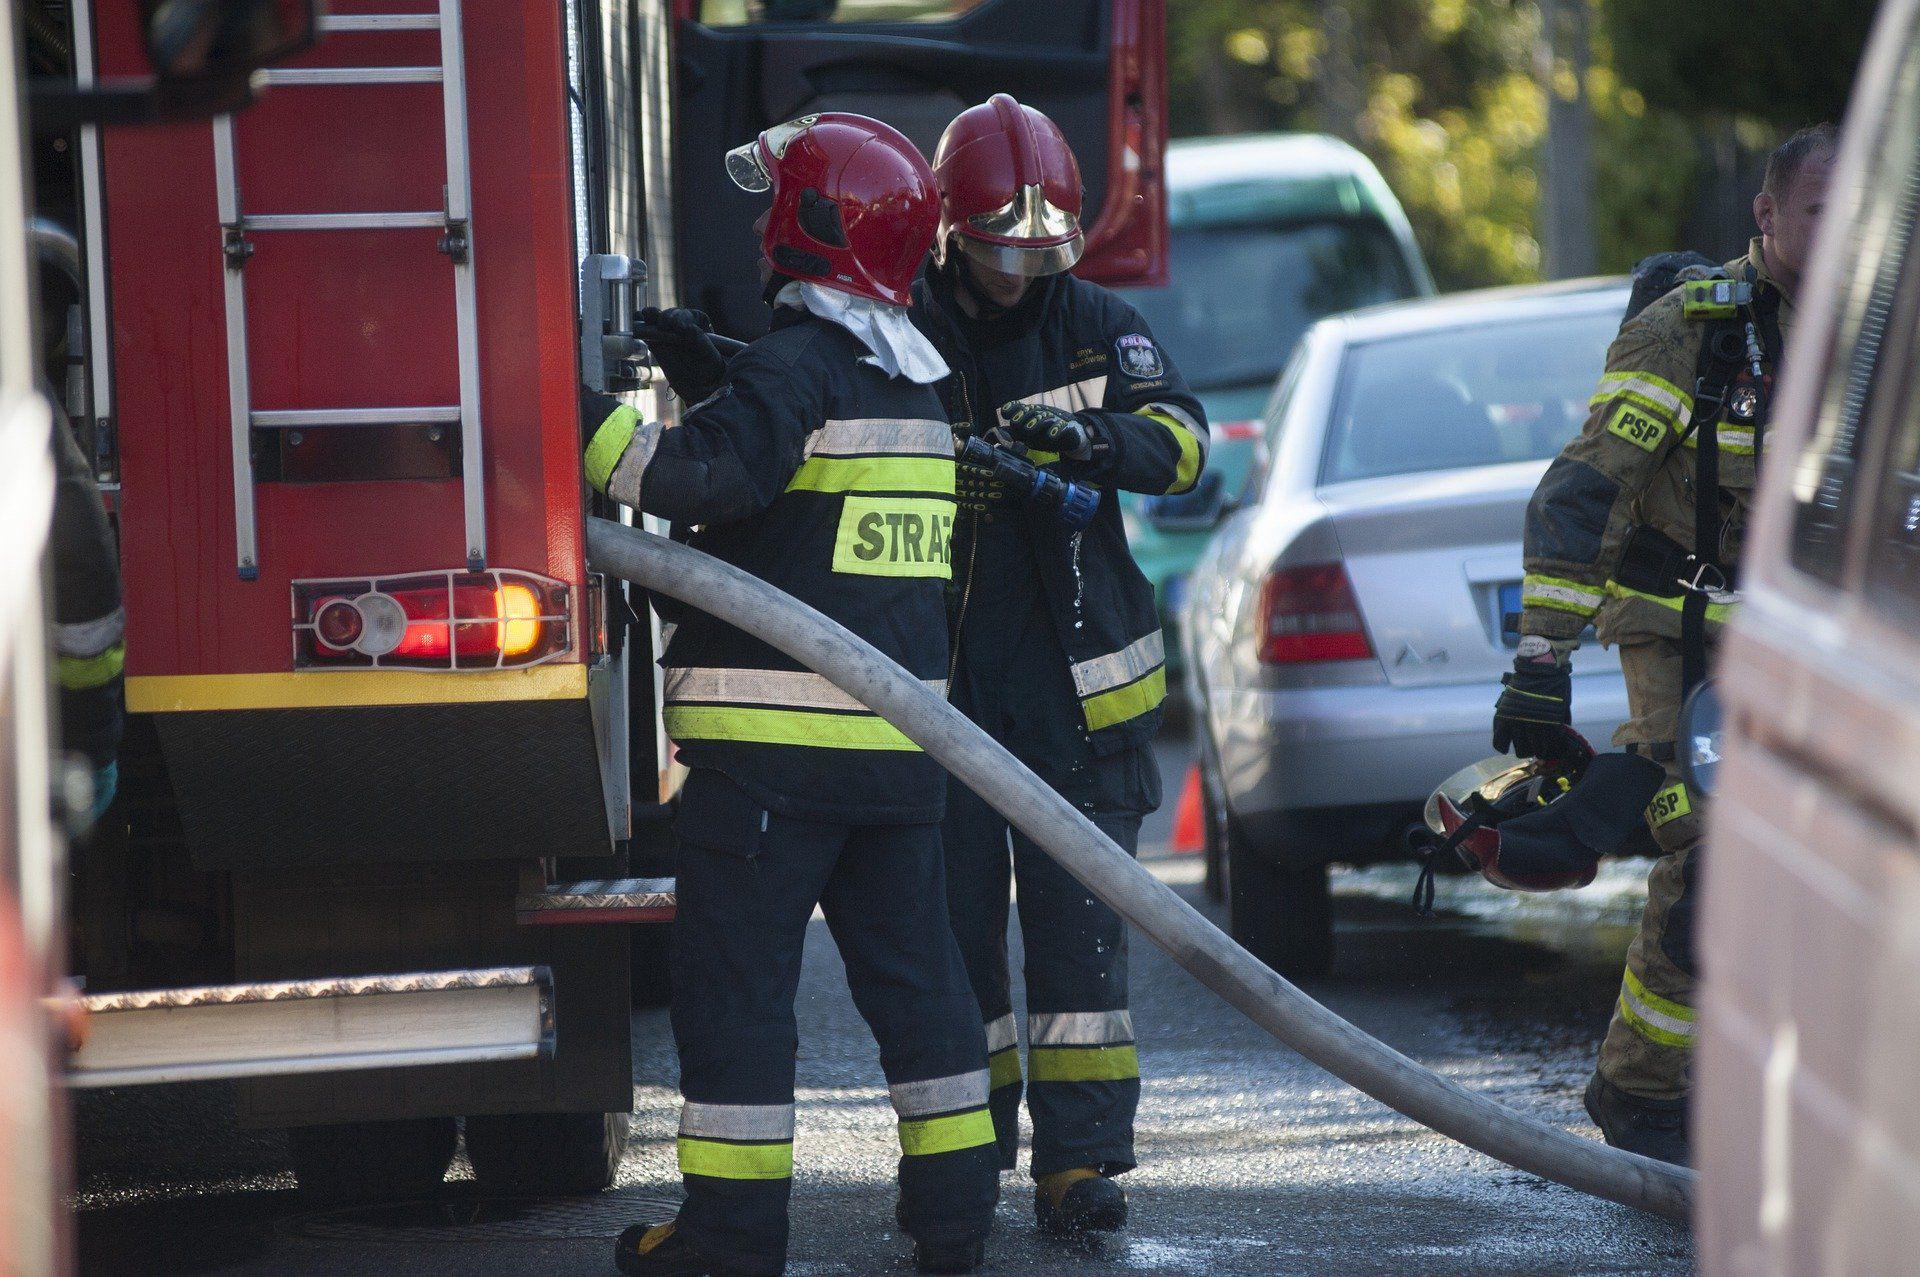 Akcja straży pożarnej w rejonie ul. Rolnej i Czwartaków – utrudnienia w ruchu